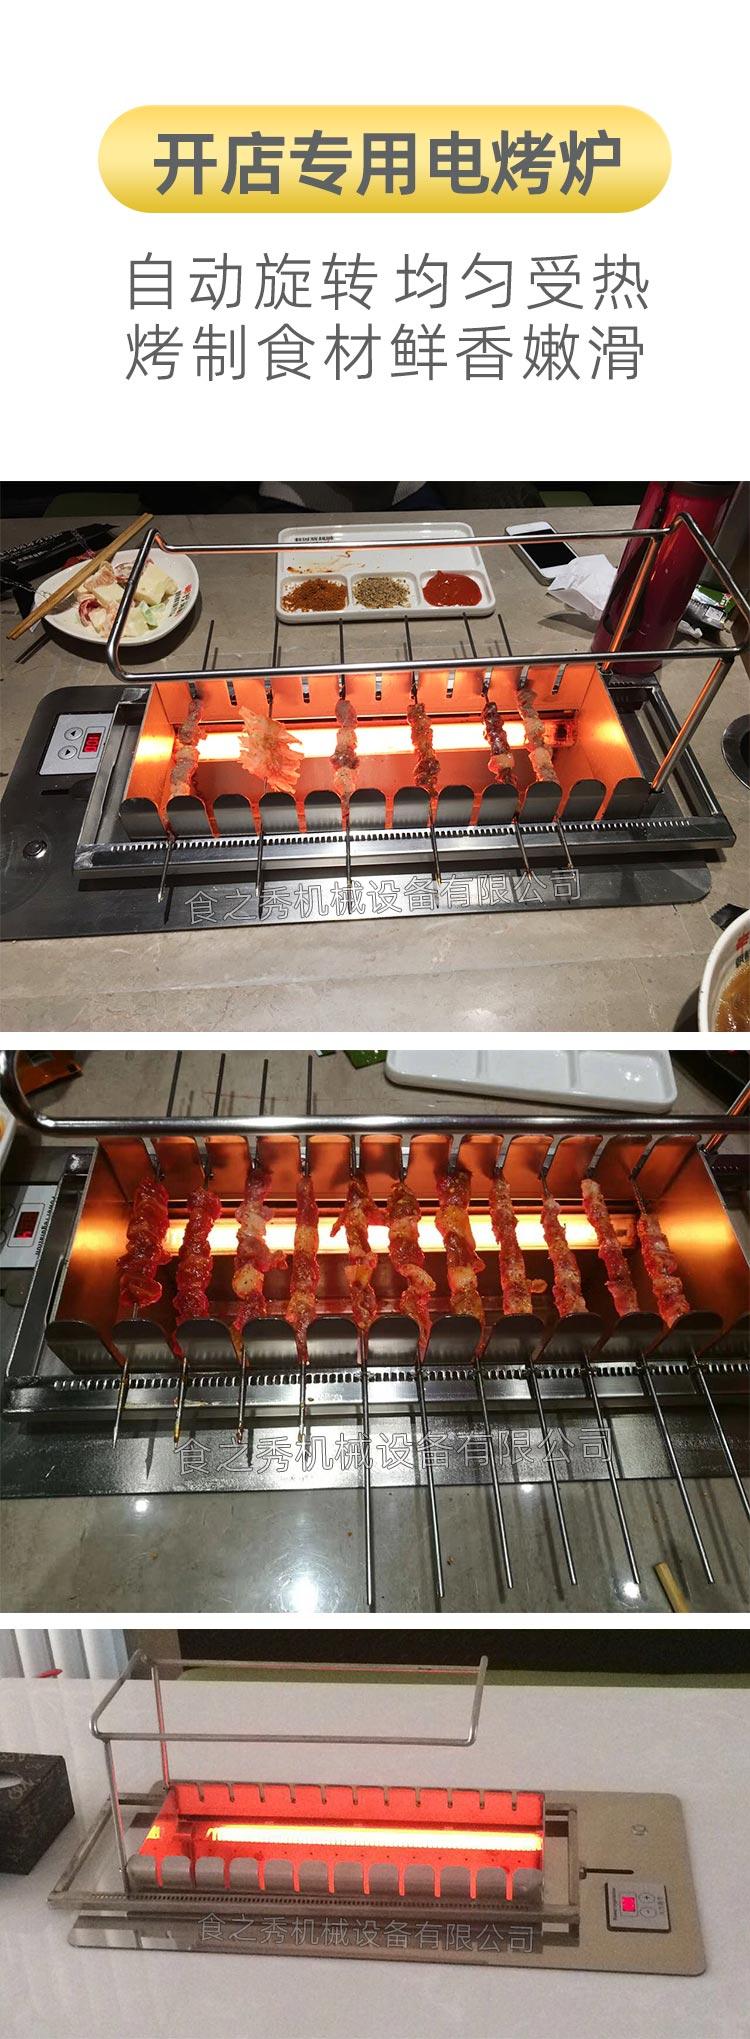 很久以前电烧烤炉,自动电烤炉厂家,自动翻转电烧烤炉